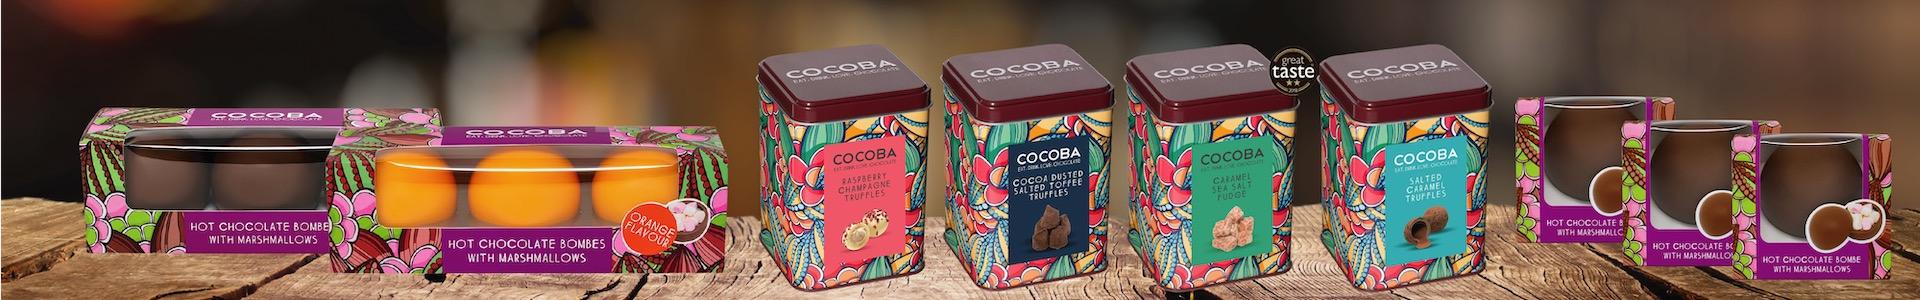 Bonjour Choco | Cocoba